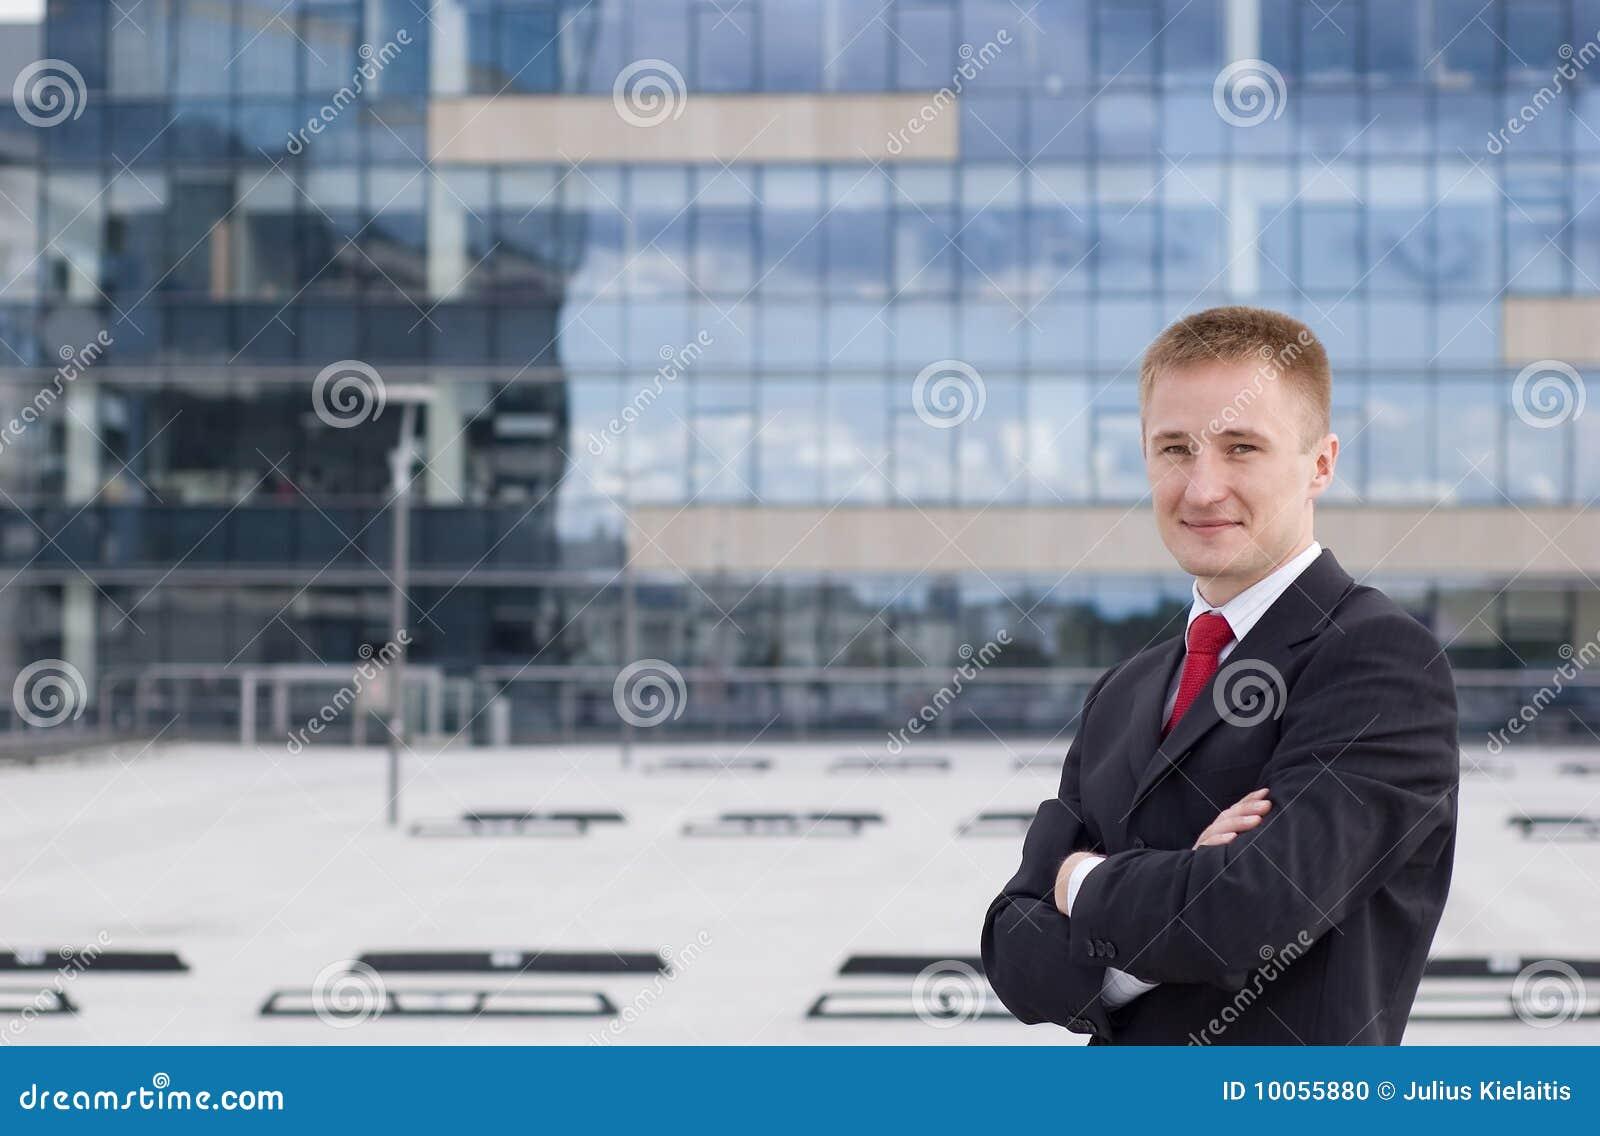 Retrato cheio do corpo de um homem de negócio ocasional